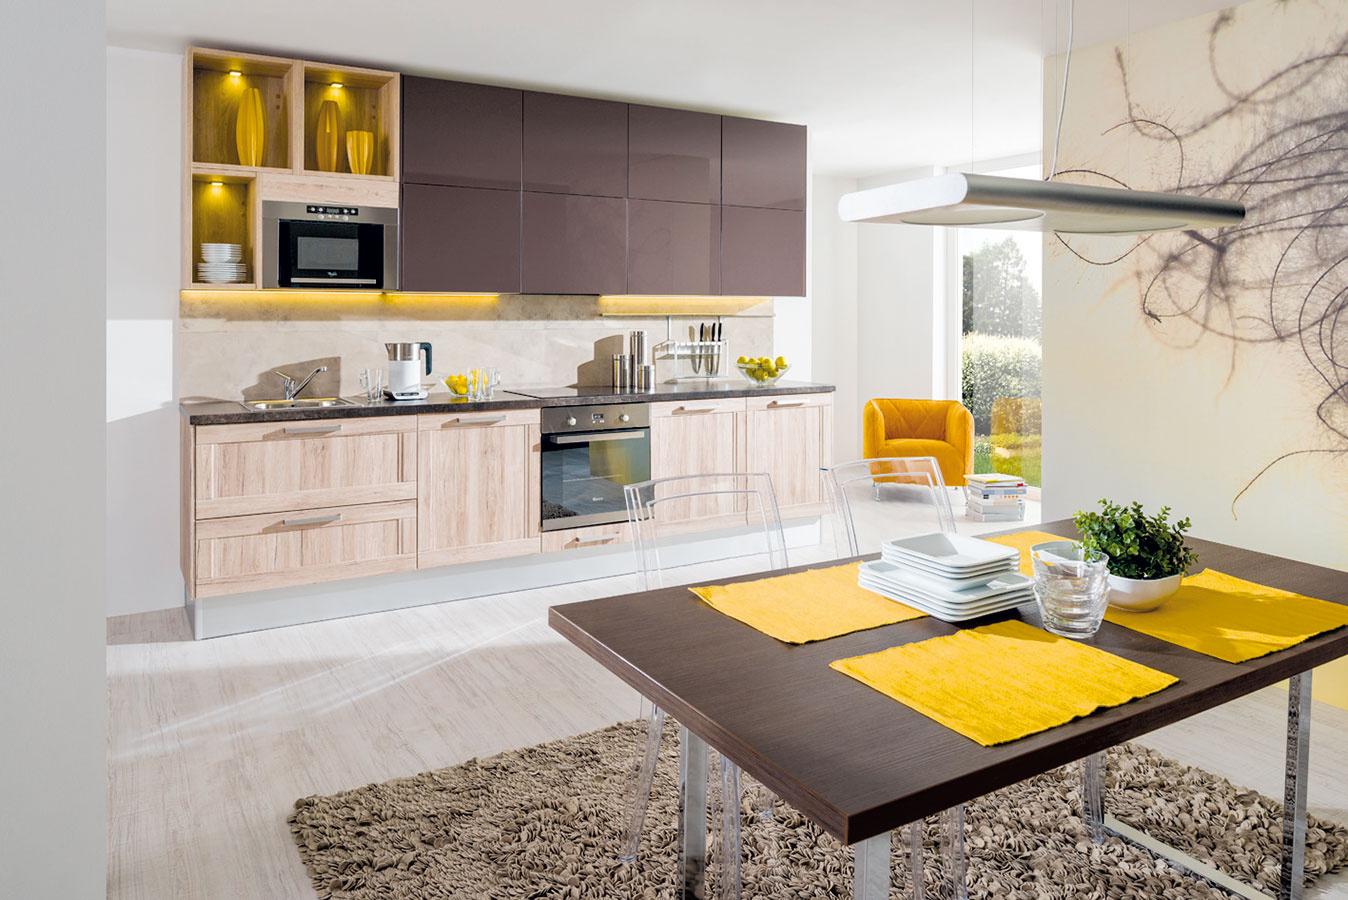 Priama linka nájde uplatnenie najmä vmenších domácnostiach. Ak chcete kuchyňu stakouto dispozíciou, vhodná môže byť aj tá sektorová.